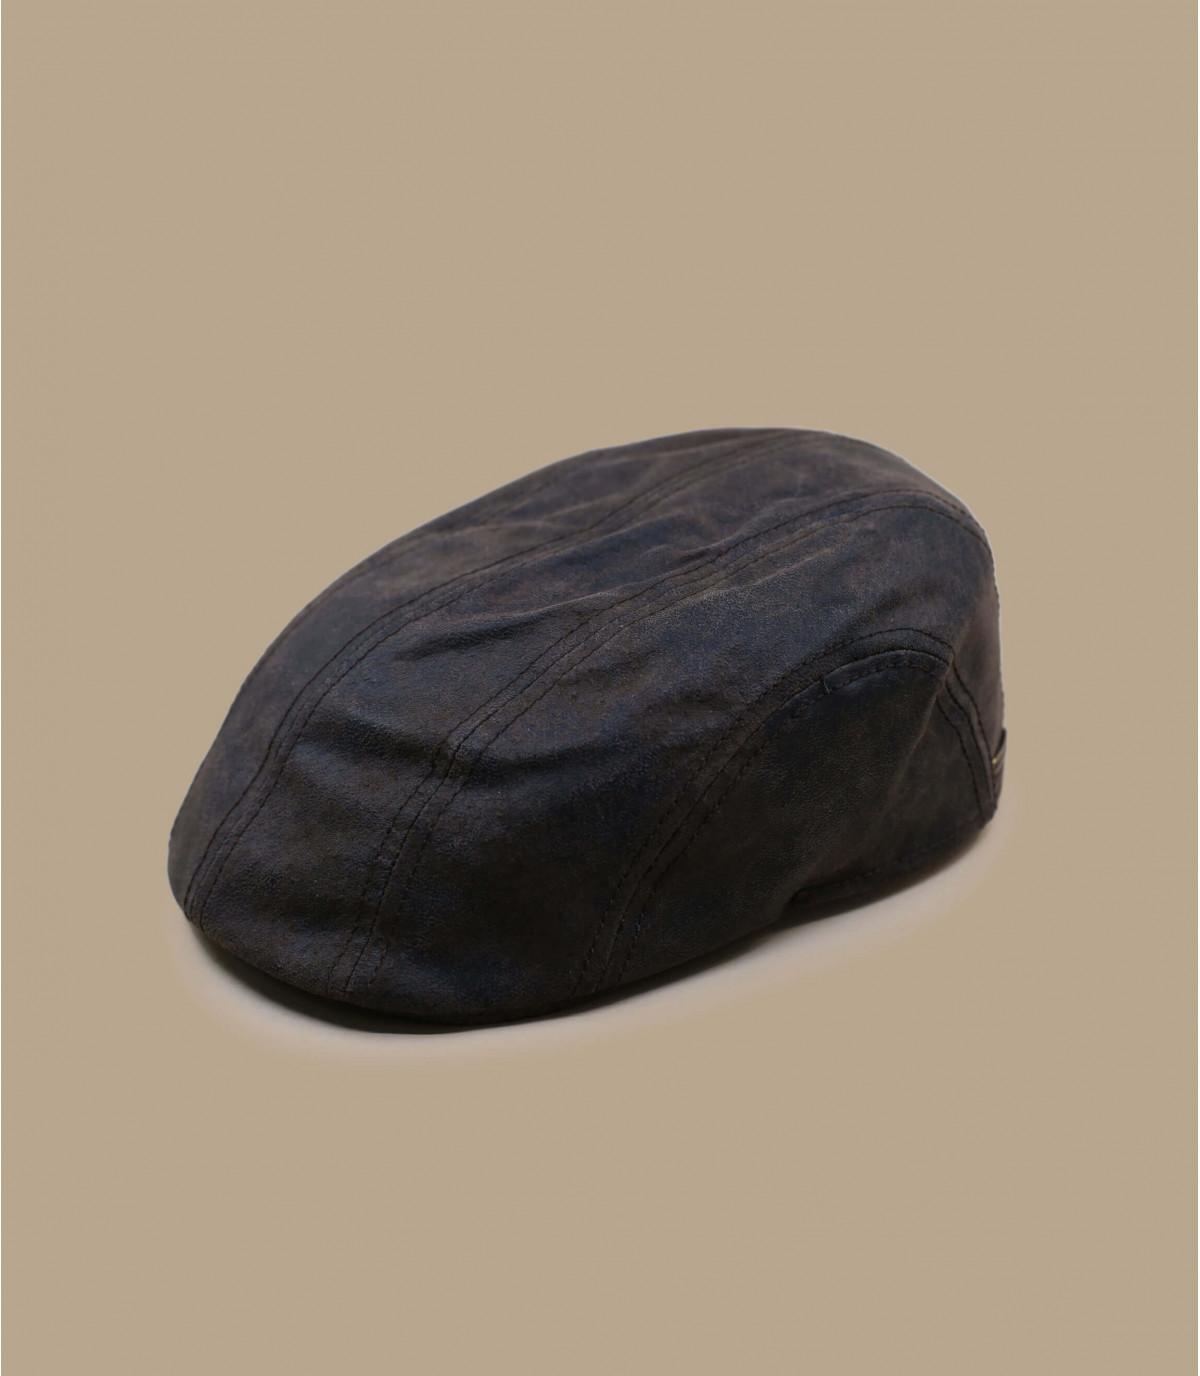 Cappellino piatto Stetson pelle